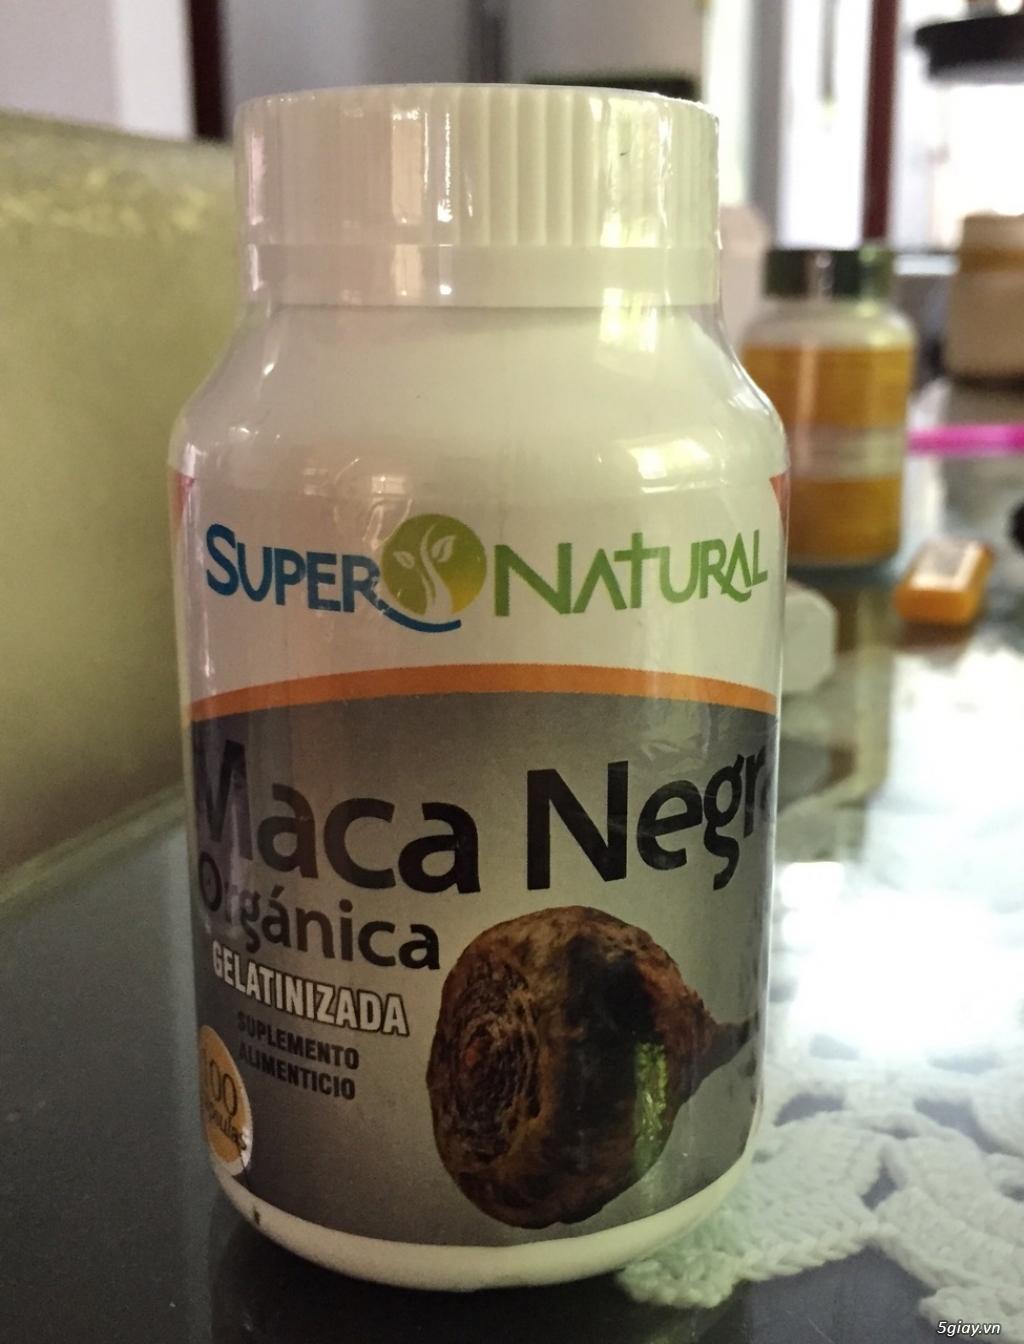 Dược lực Maca nổi tiếng (hàng xách tay từ Peru) - 3